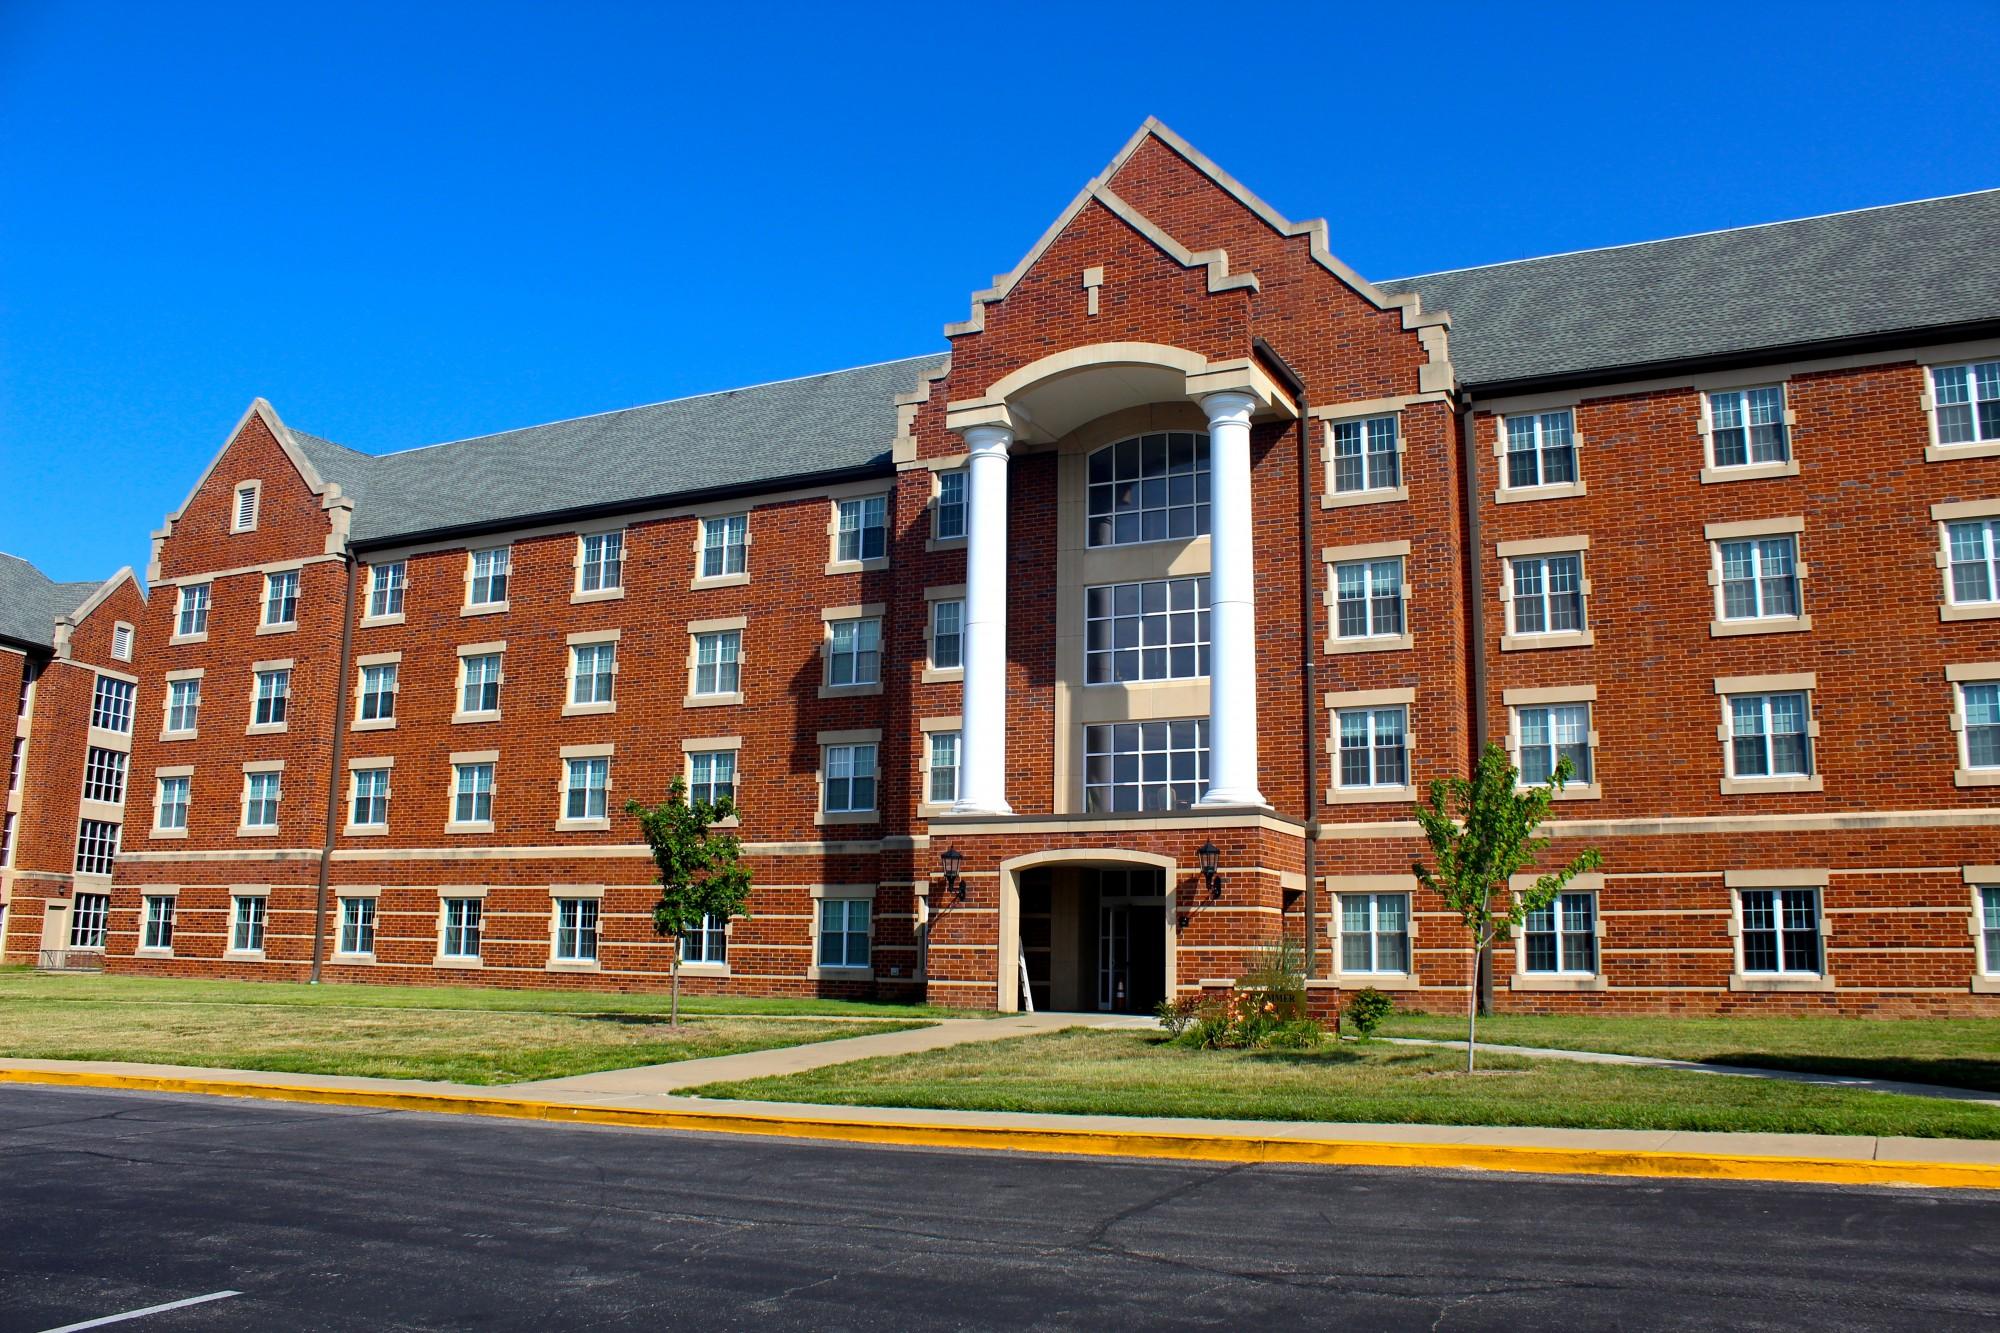 Residence Halls At Lindenwood Lindenwood University